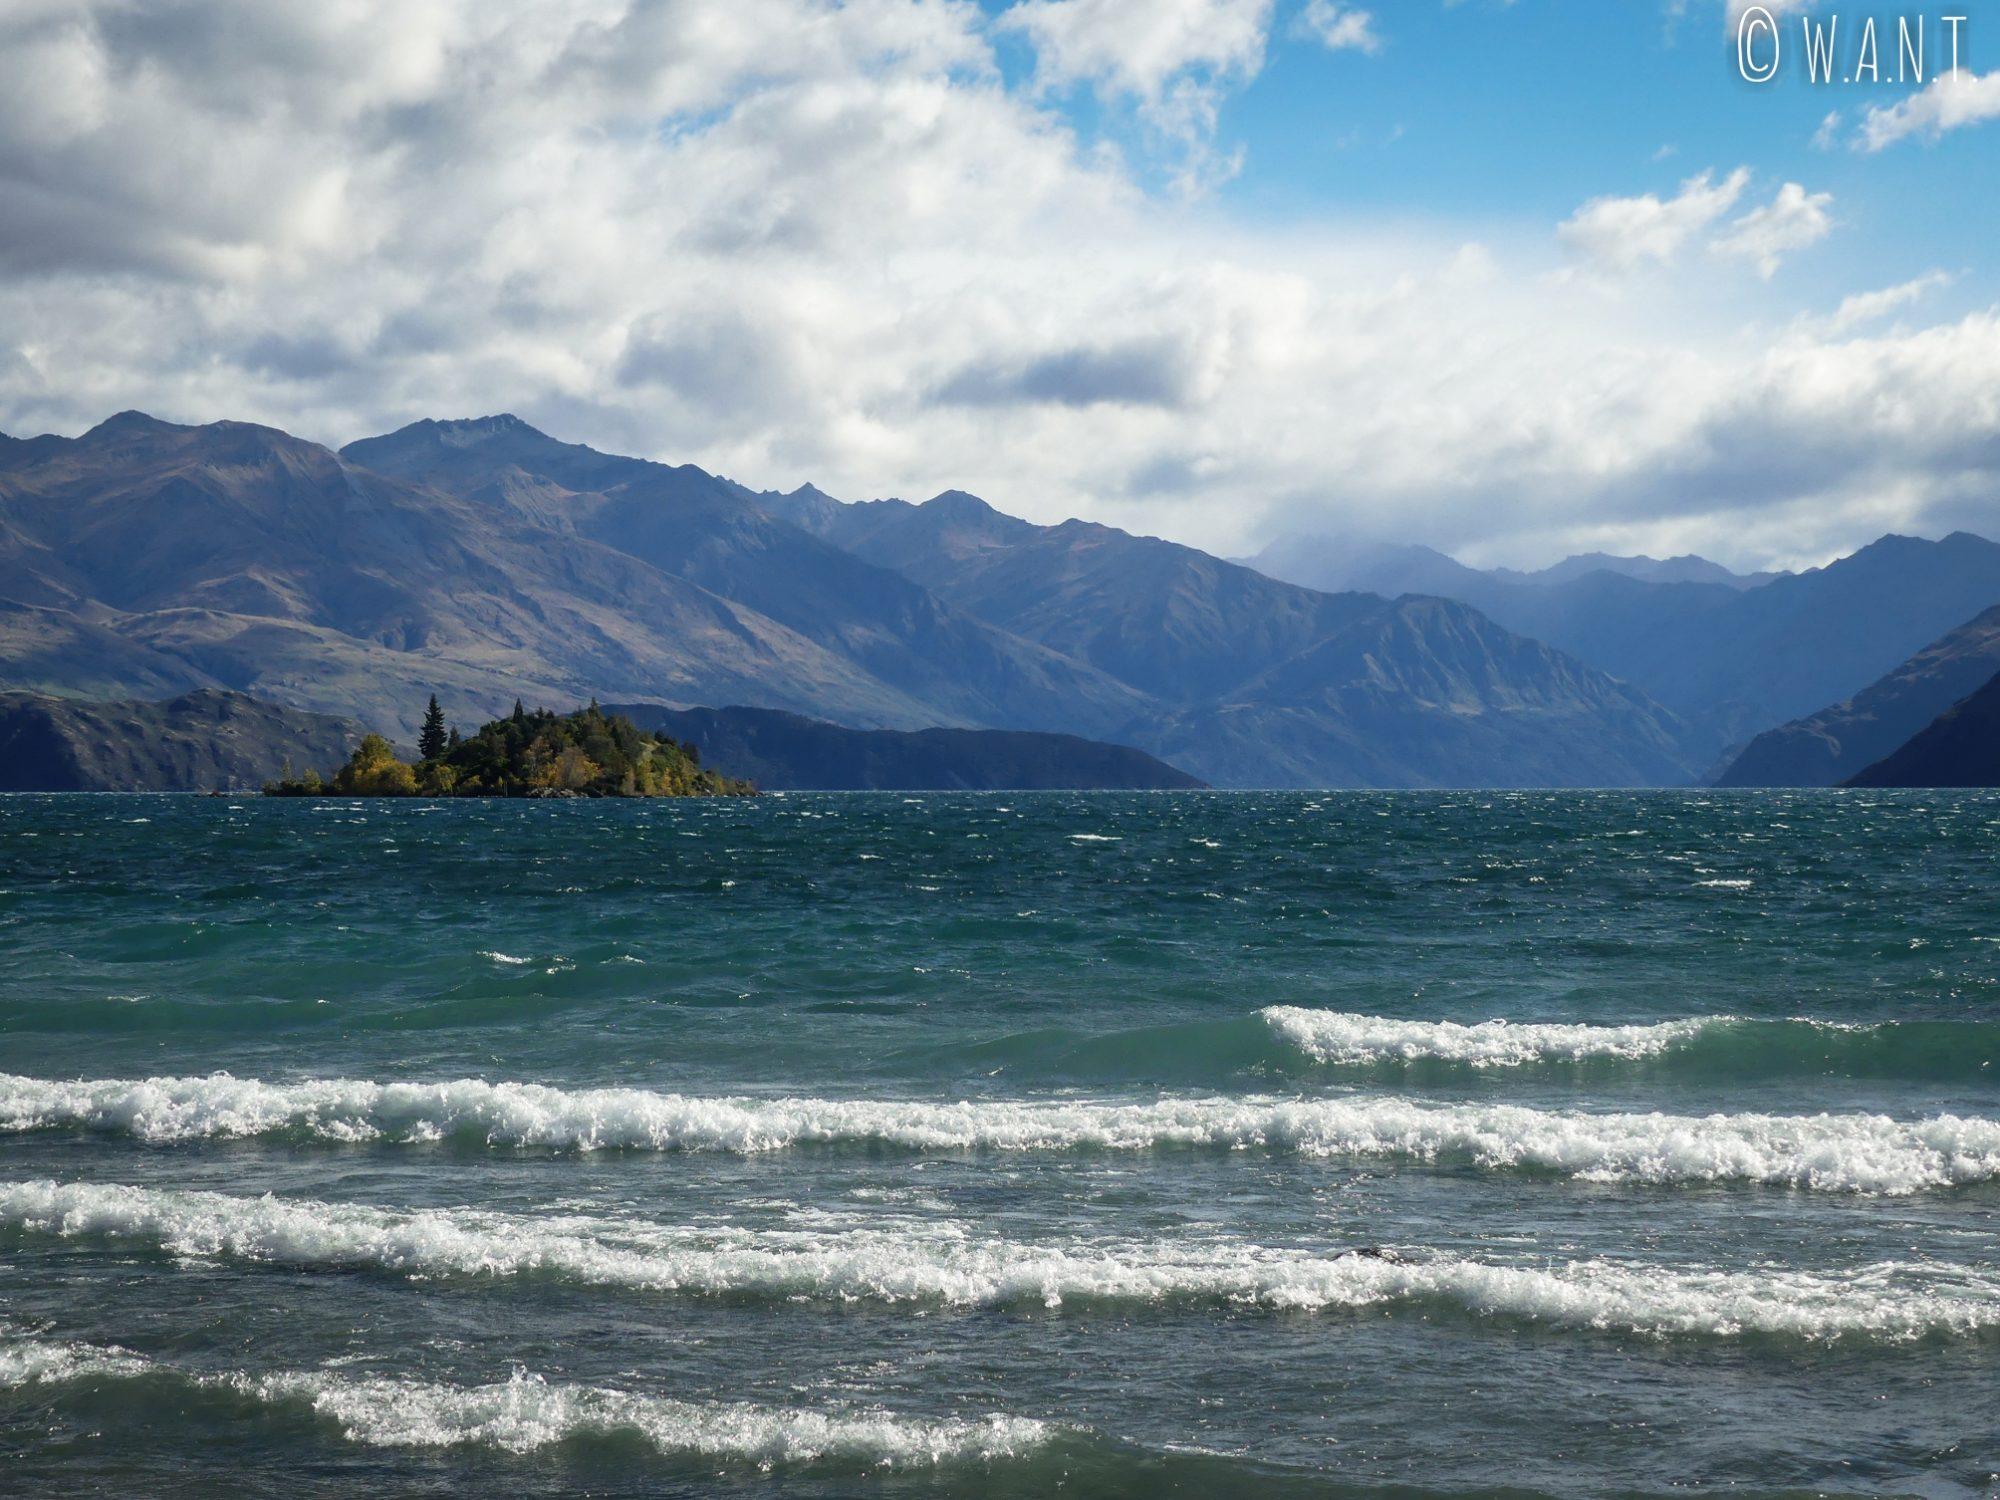 Vue sur Ruby Island depuis le bord du lac Wanaka en Nouvelle-Zélande